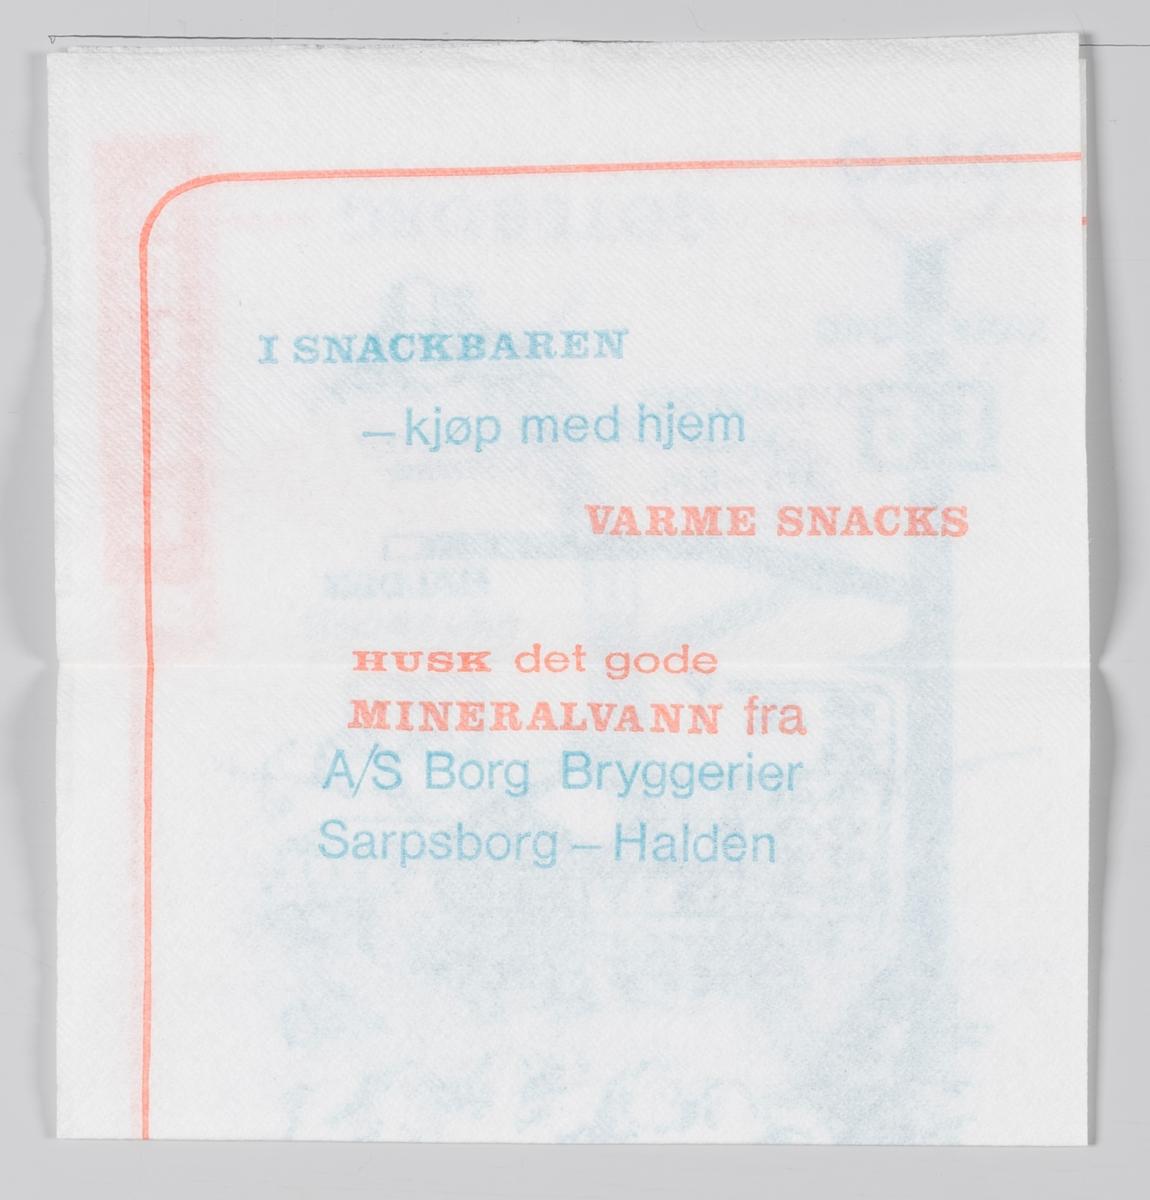 """Et veikart og en reklametekst for Svinesund Terrassen, Diplom-Is og mineralvann fra A/S Borg Bryggerier.  Svinesundterrassen var i mange tiår et populært stoppested for trafikken til og fra Sverige på """"gamle"""" E6. Når den nye broa åpnet i 2006 tok den også E6 med seg og stedet stengte på Norsk side, men ikke på den svenske siden."""